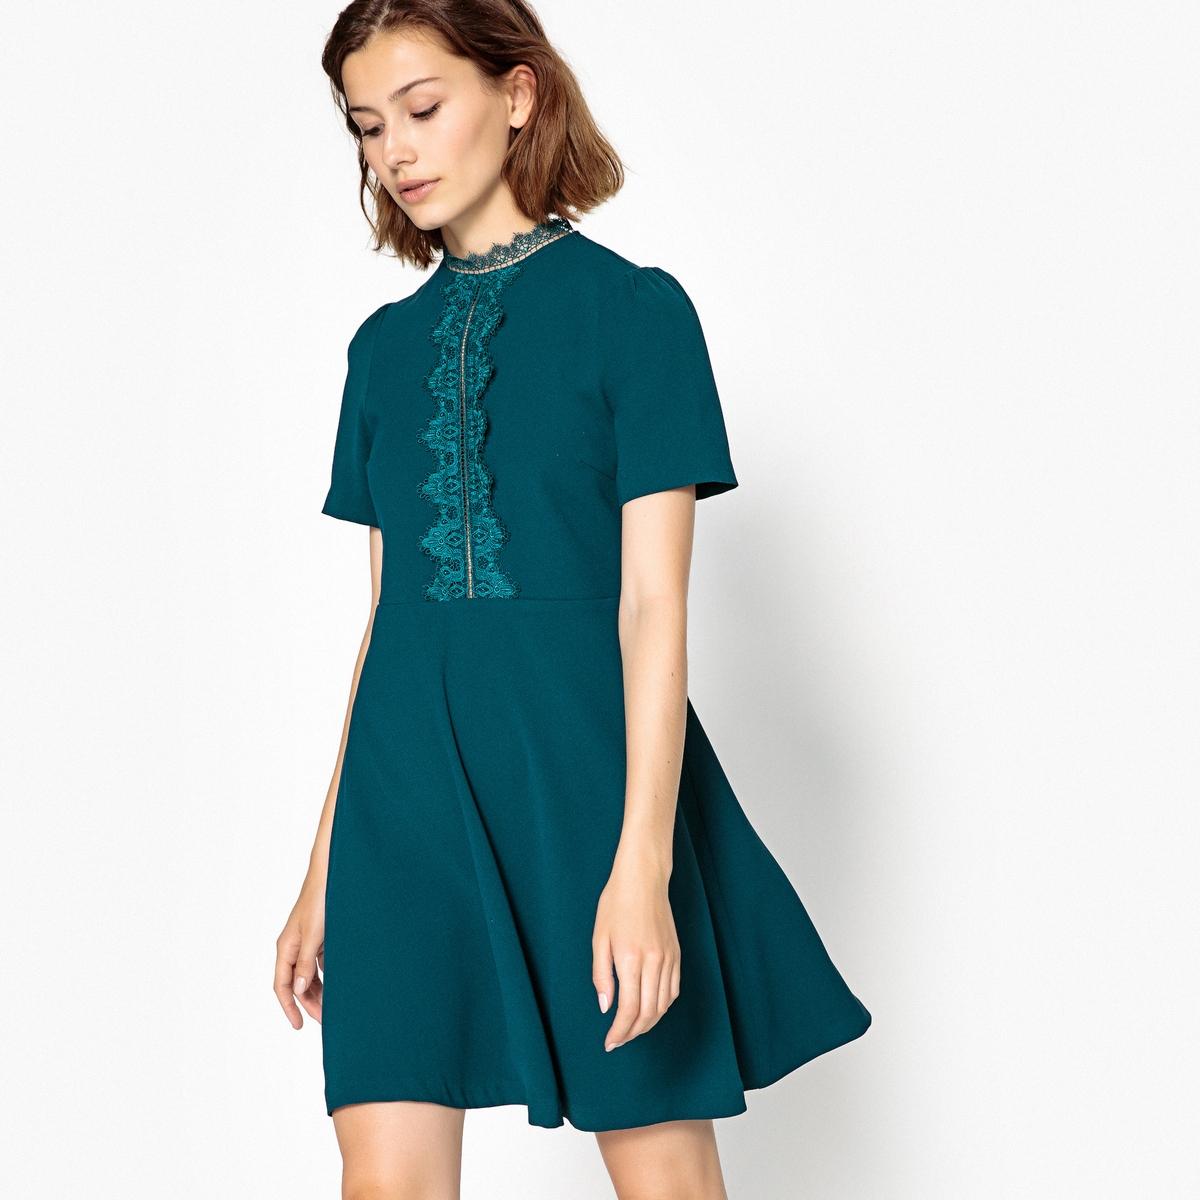 купить Платье расклешенное короткое, с короткими рукавами по цене 5699.4 рублей